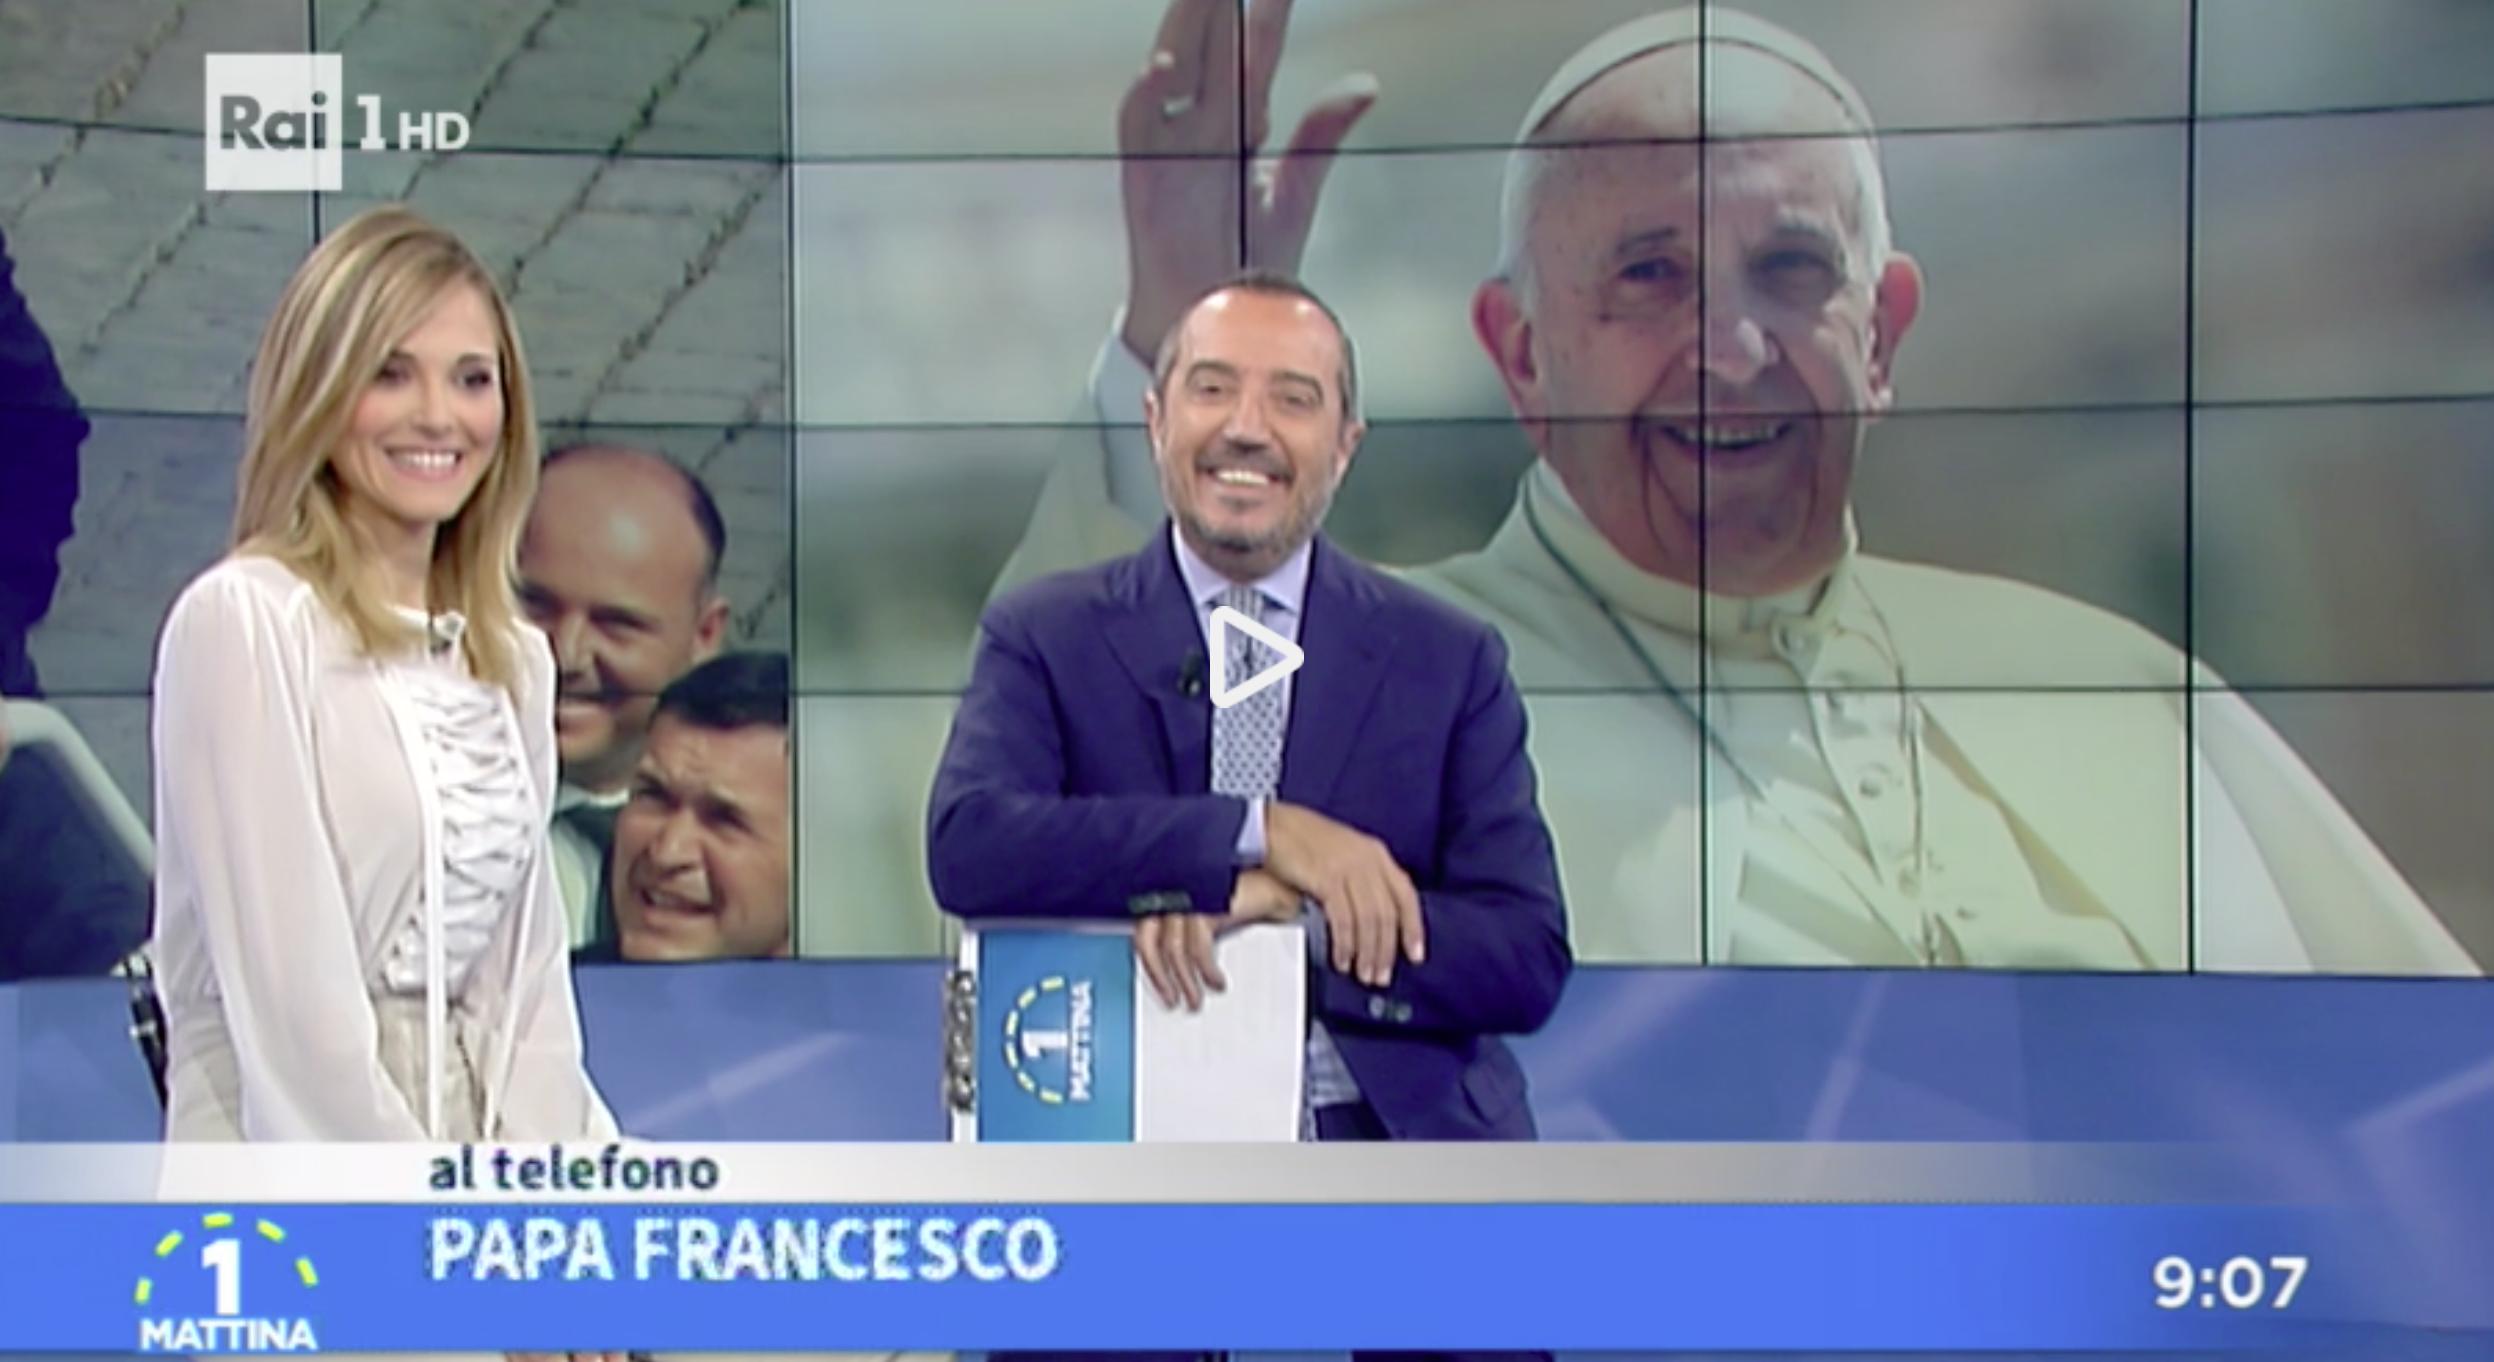 ©RAI1 - el Papa Francisco sorprende, llama a Tv italiana para desear la navidad